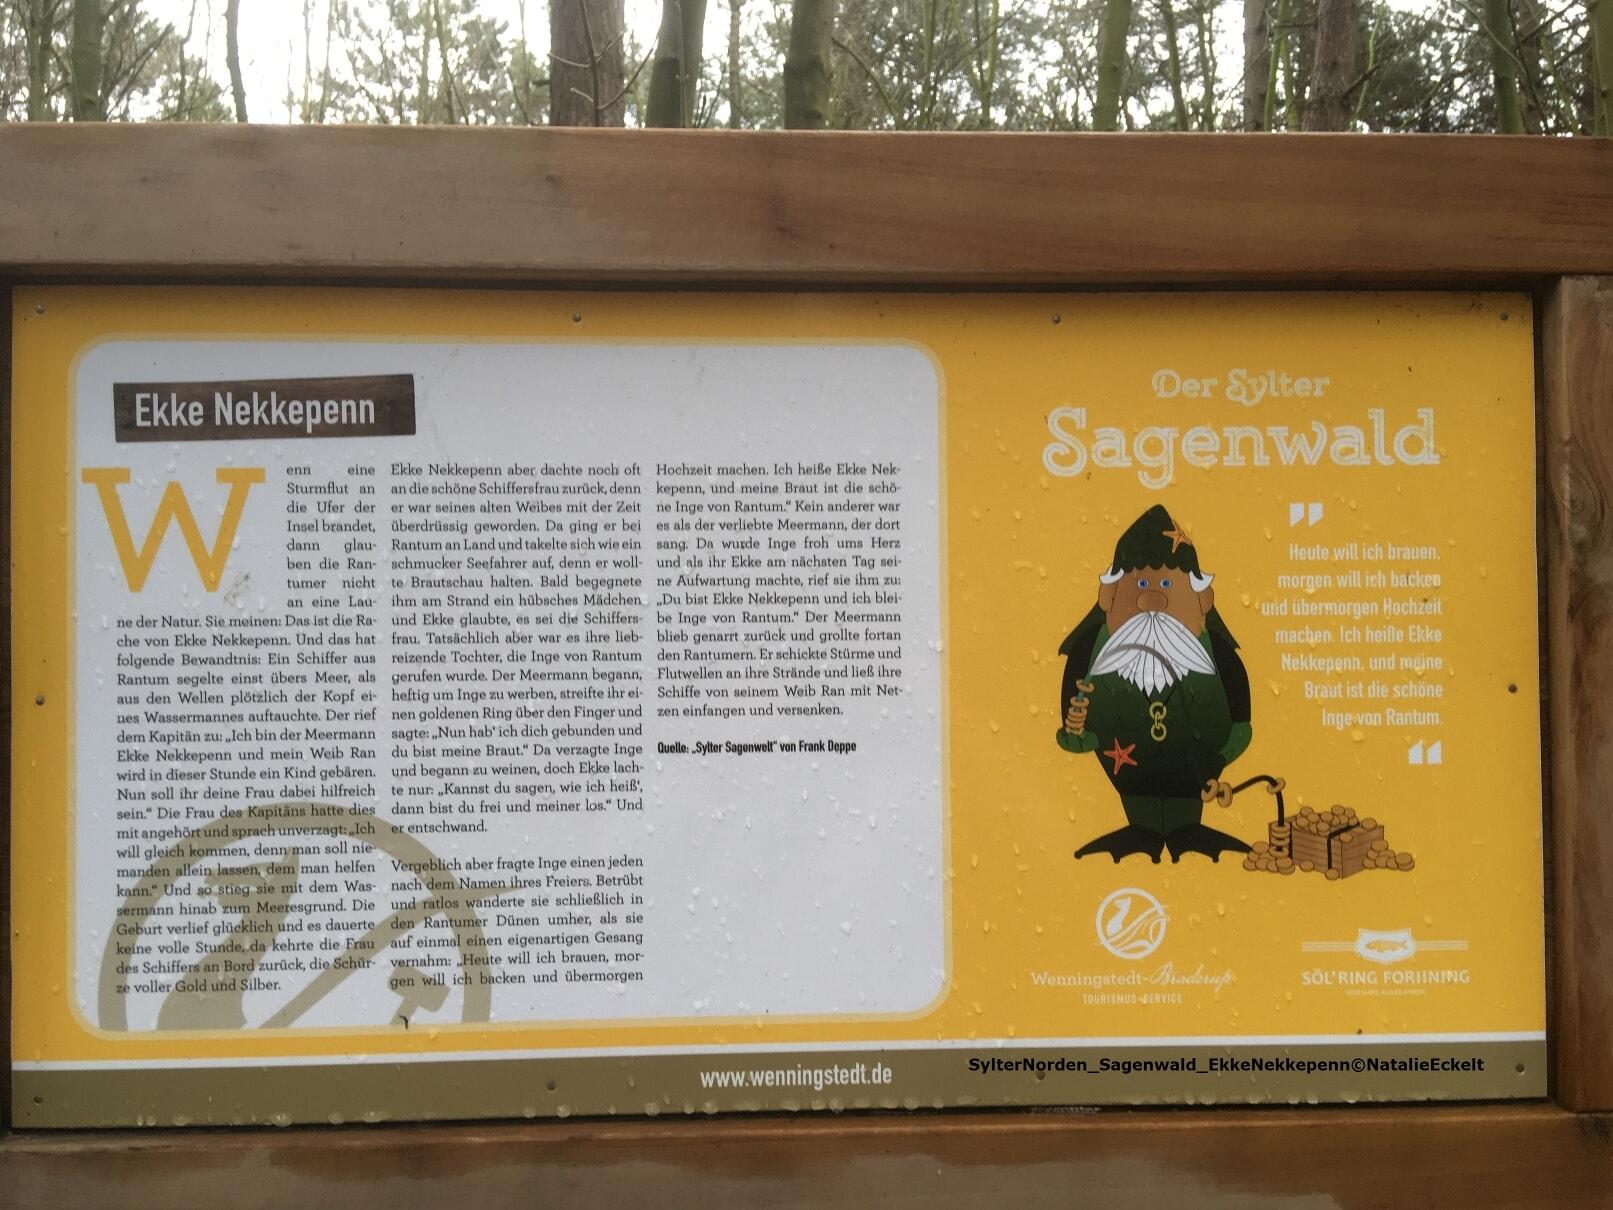 Expedition Uthlande-SylterNorden_Sagenwald_EkkeNekkepenn©NatalieEckelt